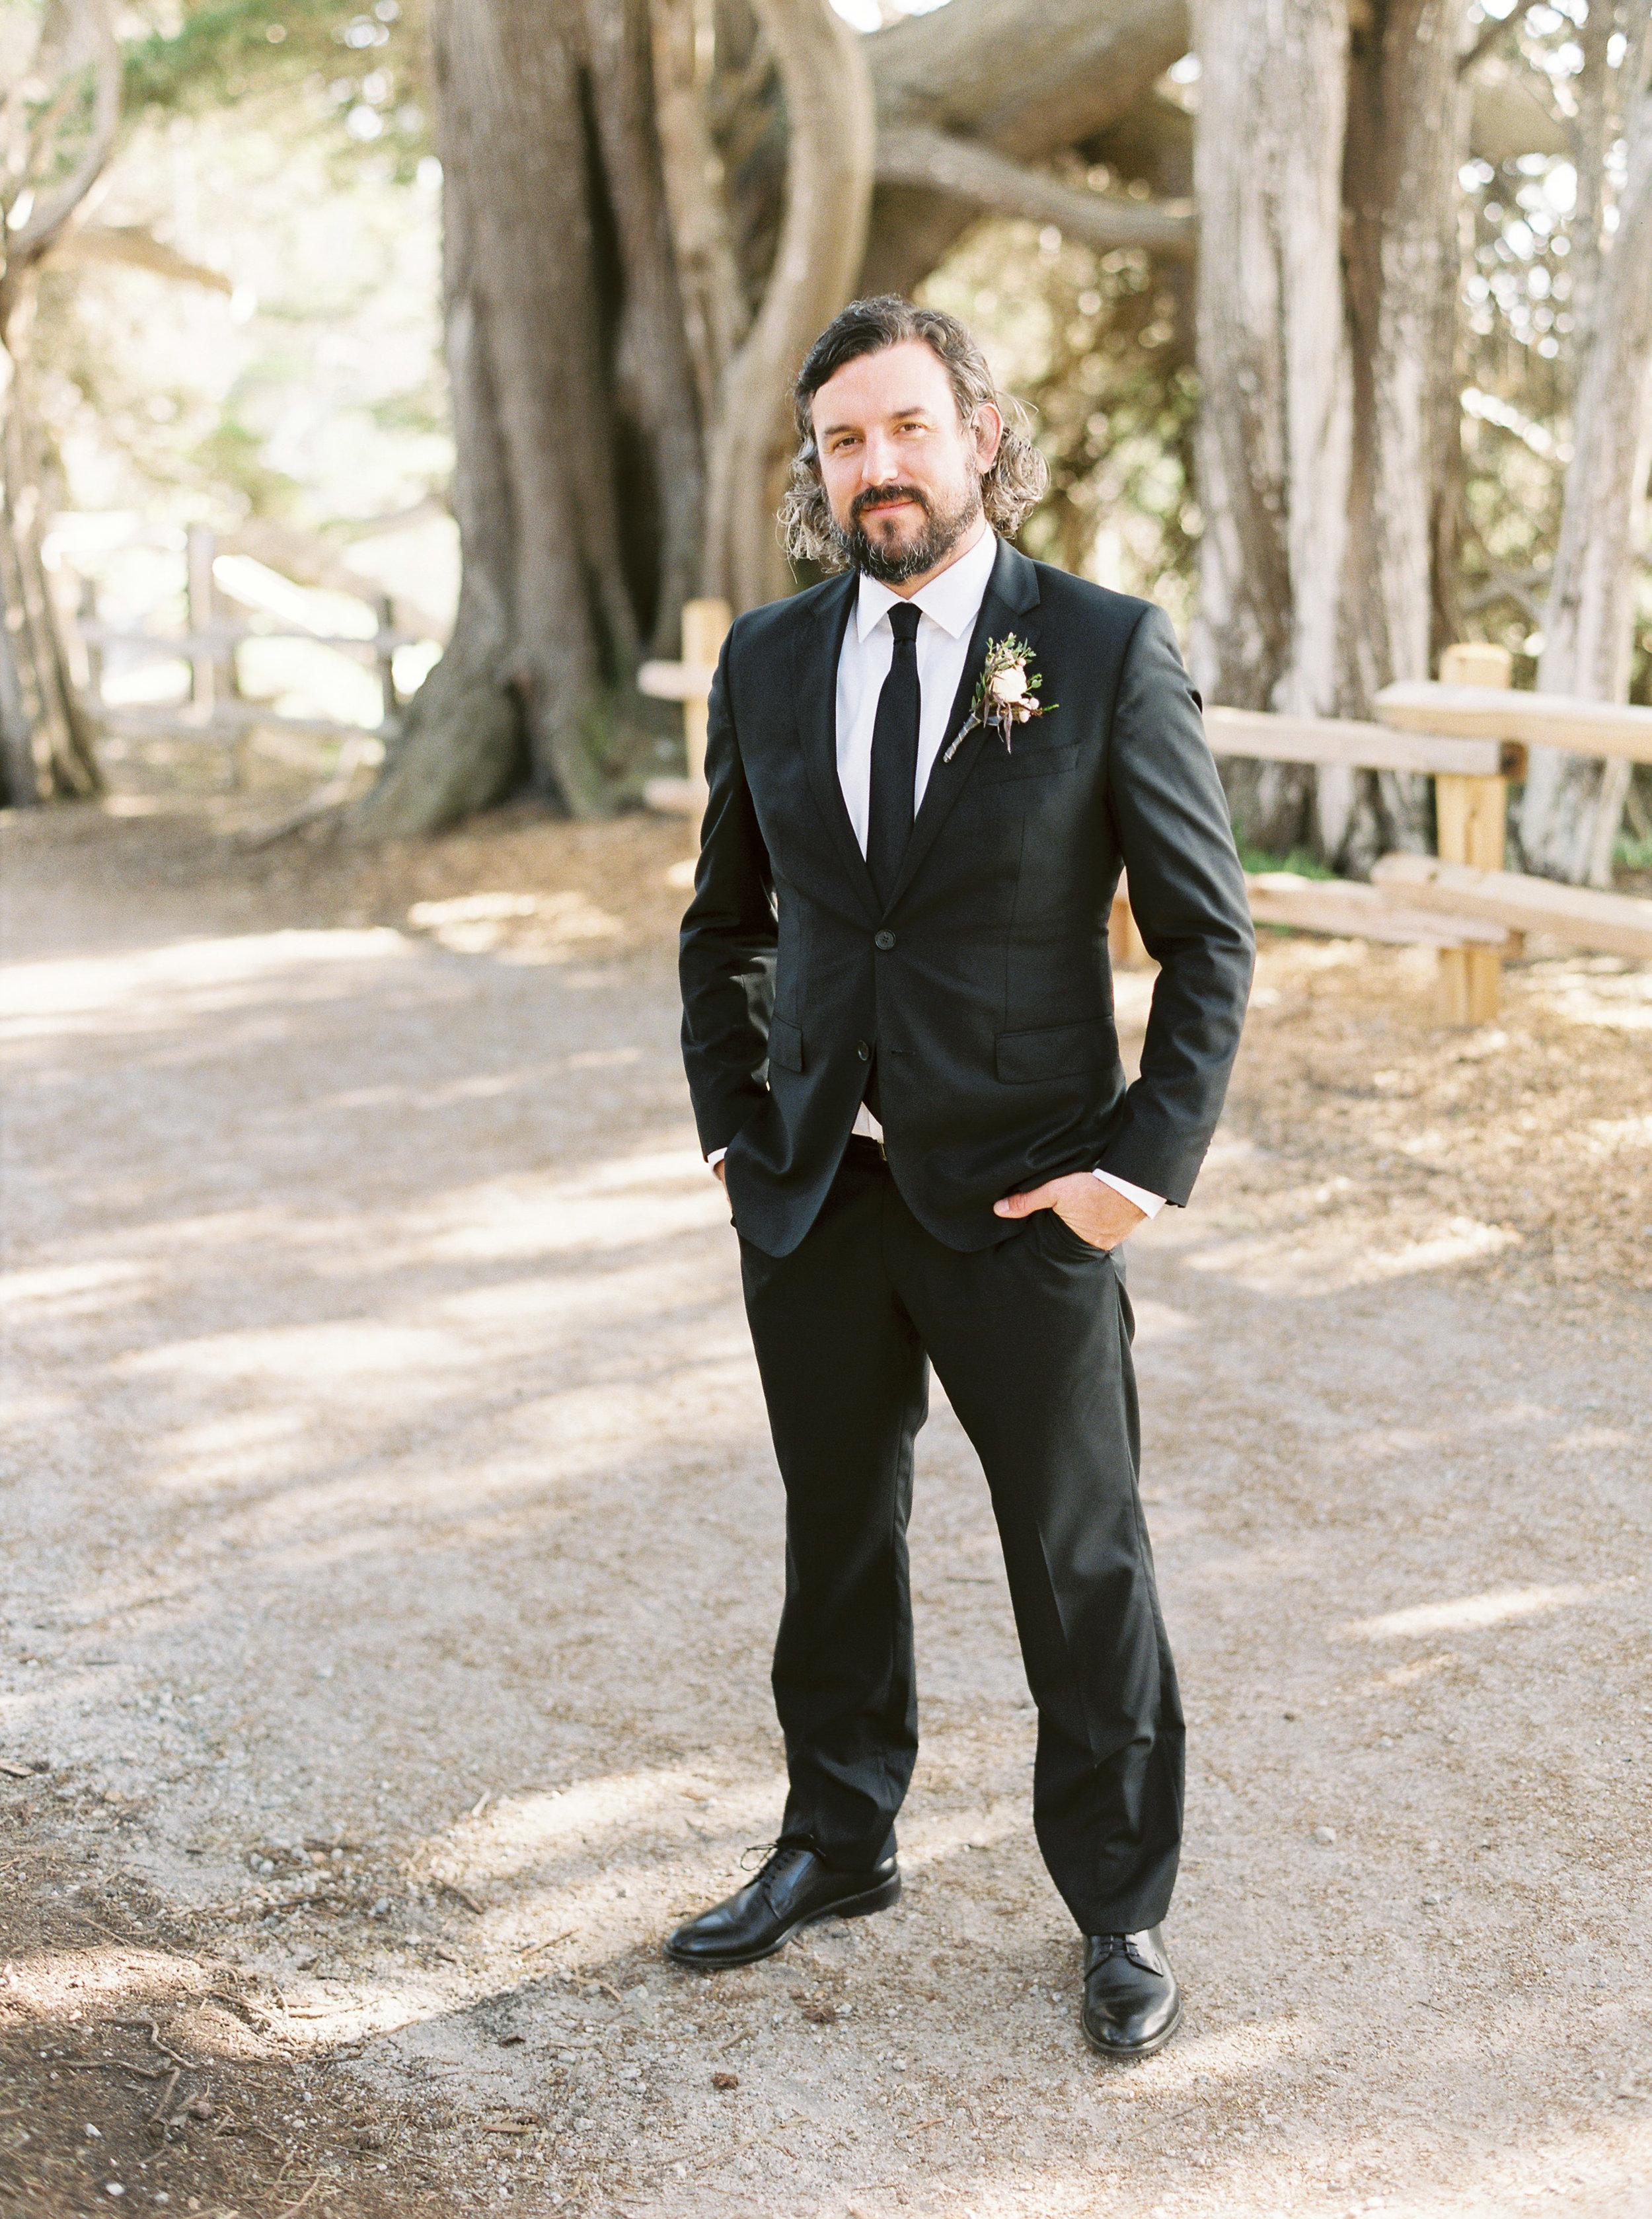 Mavericks-event-center-wedding-in-half-moon-bay-california635.jpg